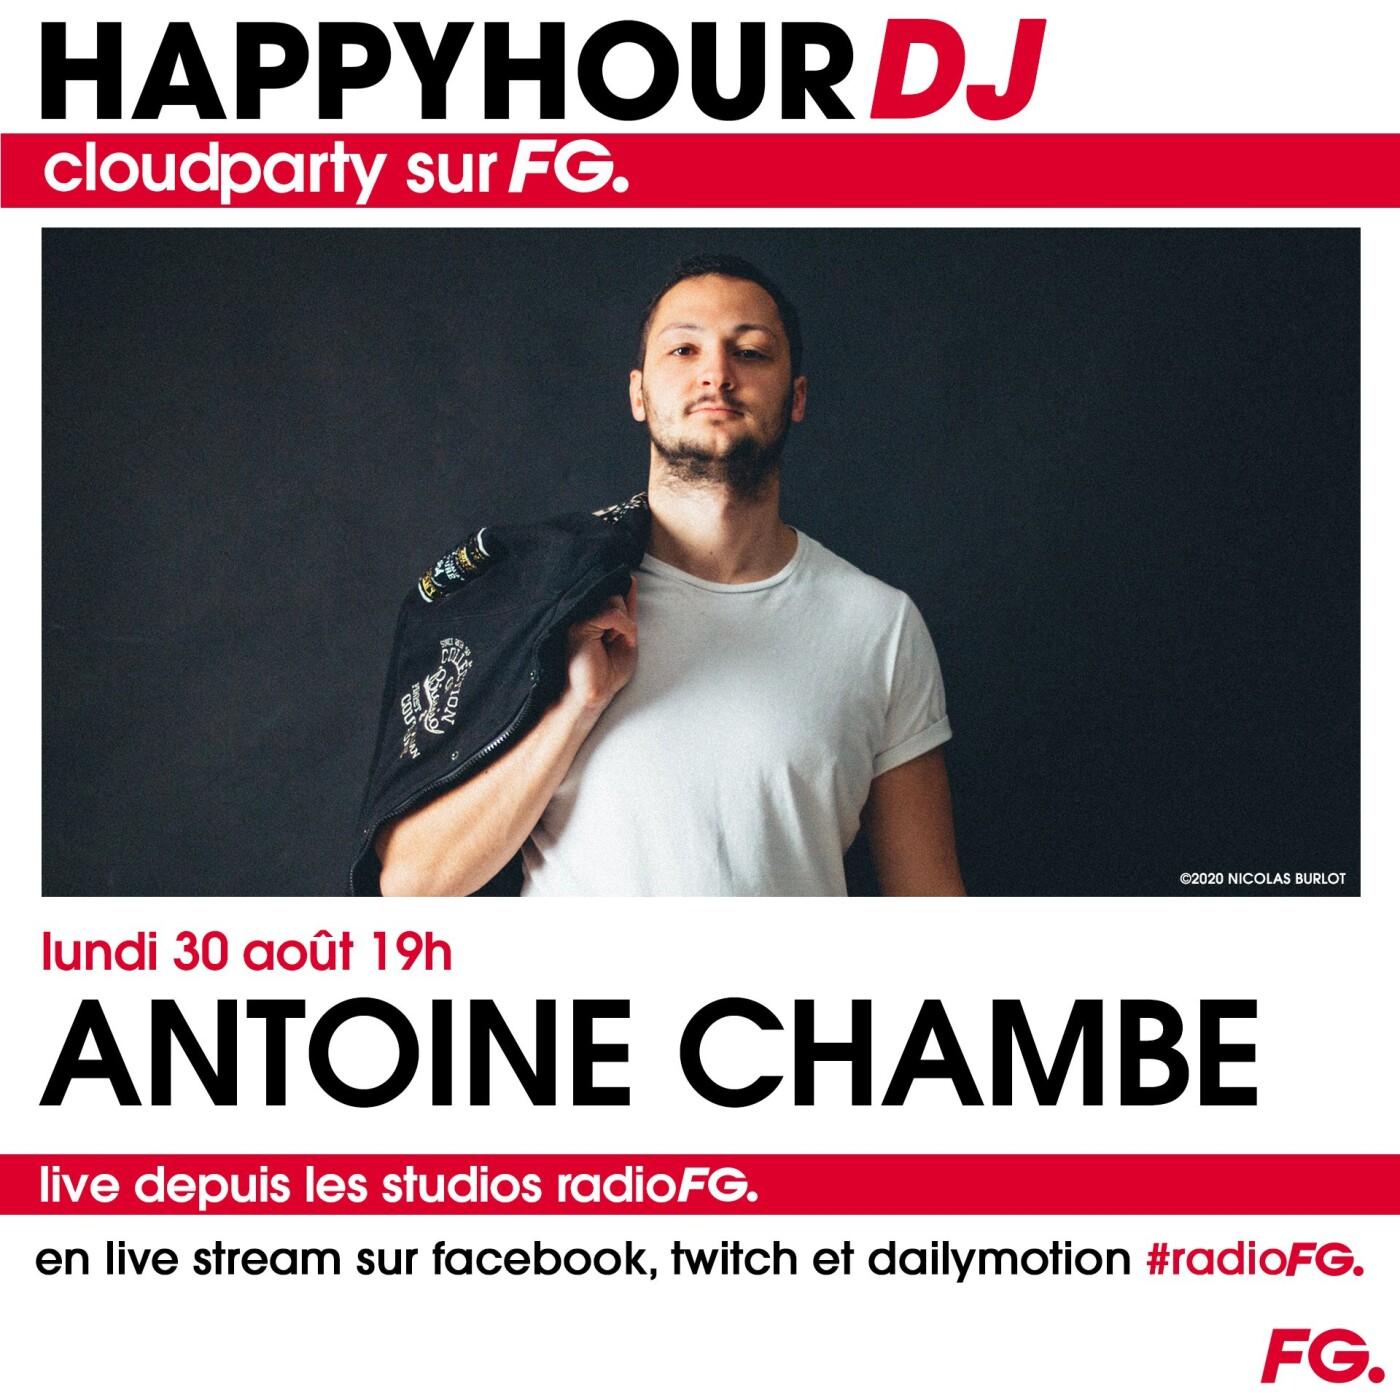 HAPPY HOUR DJ : ANTOINE CHAMBE